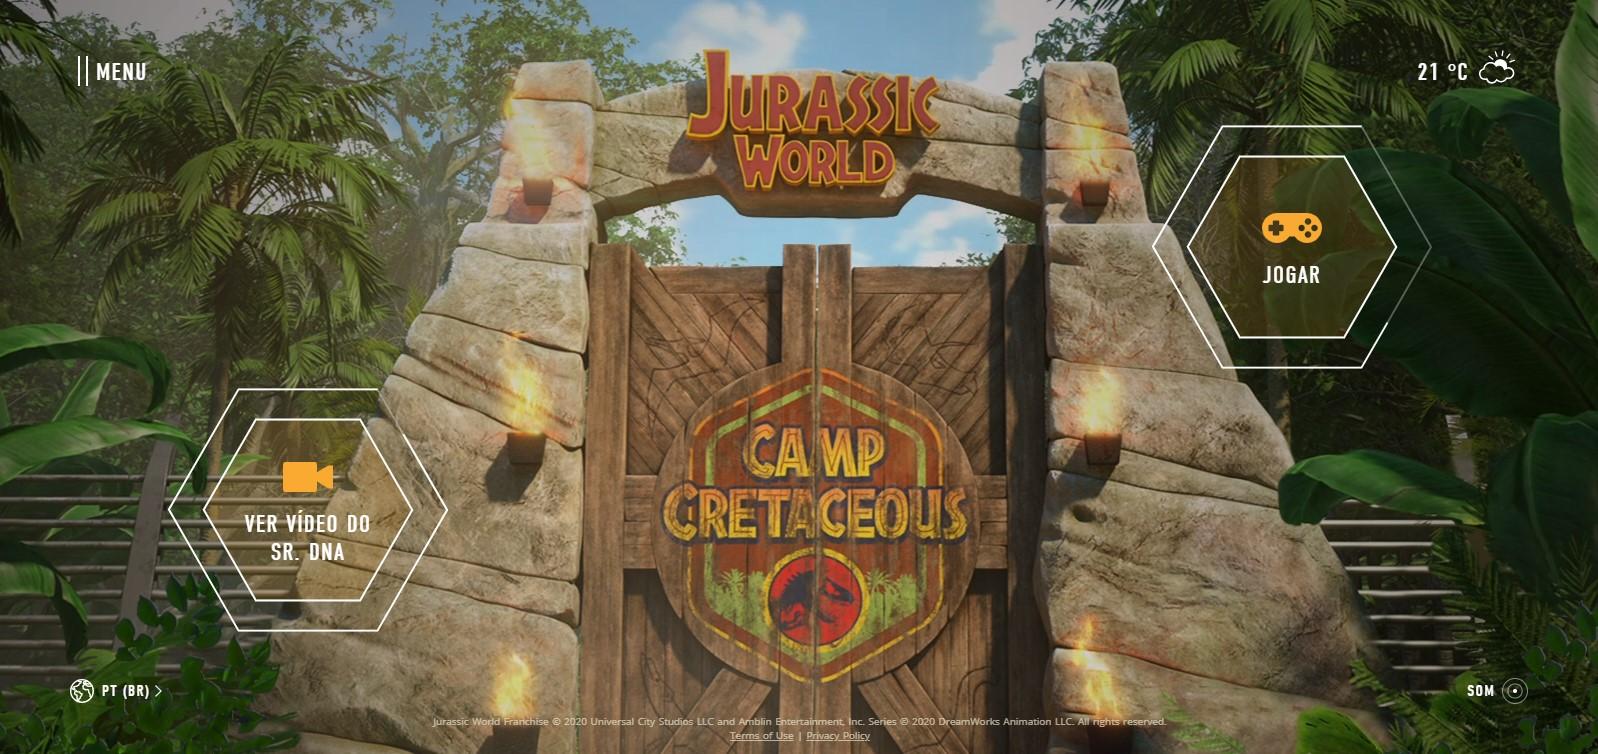 site jurassic world camp cretaceous - Jurassic World: Acampamento Jurássico animação na Netflix ganha trailer e site interativo